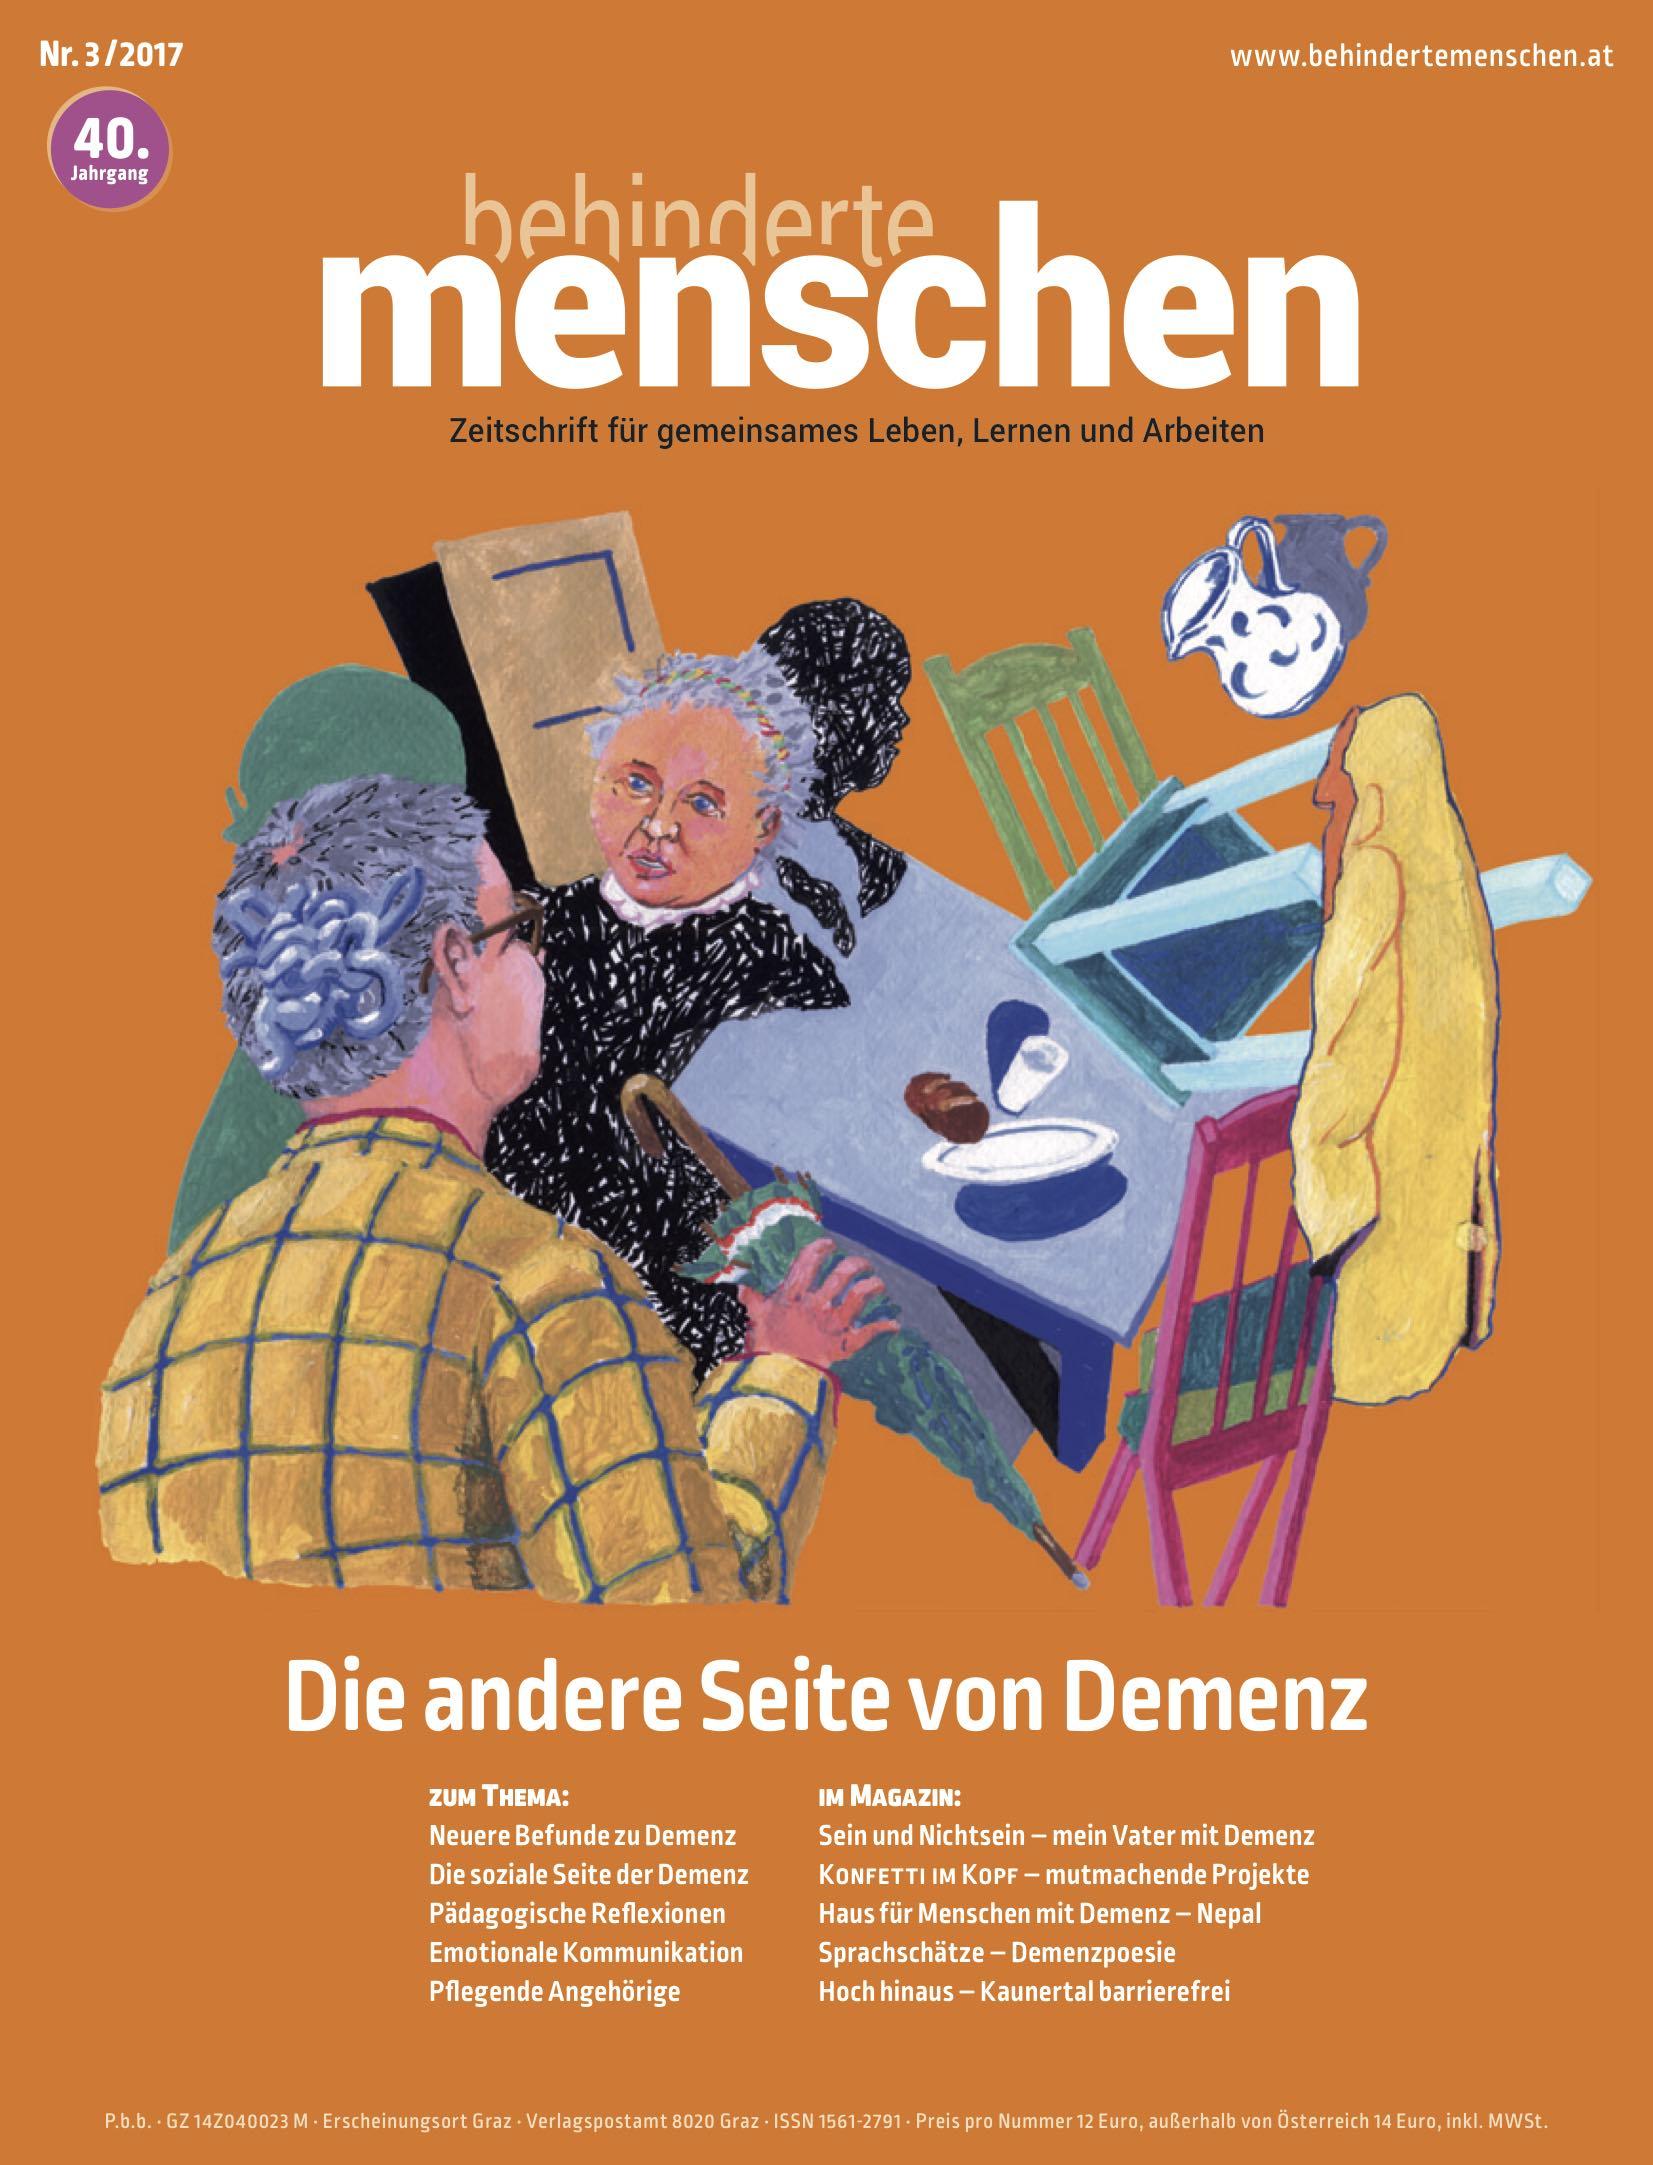 """Titelbild der Zeitschrift BEHINDERTE MENSCHEN, Ausgabe 3/2017 """"Die andere Seite von Demenz"""""""